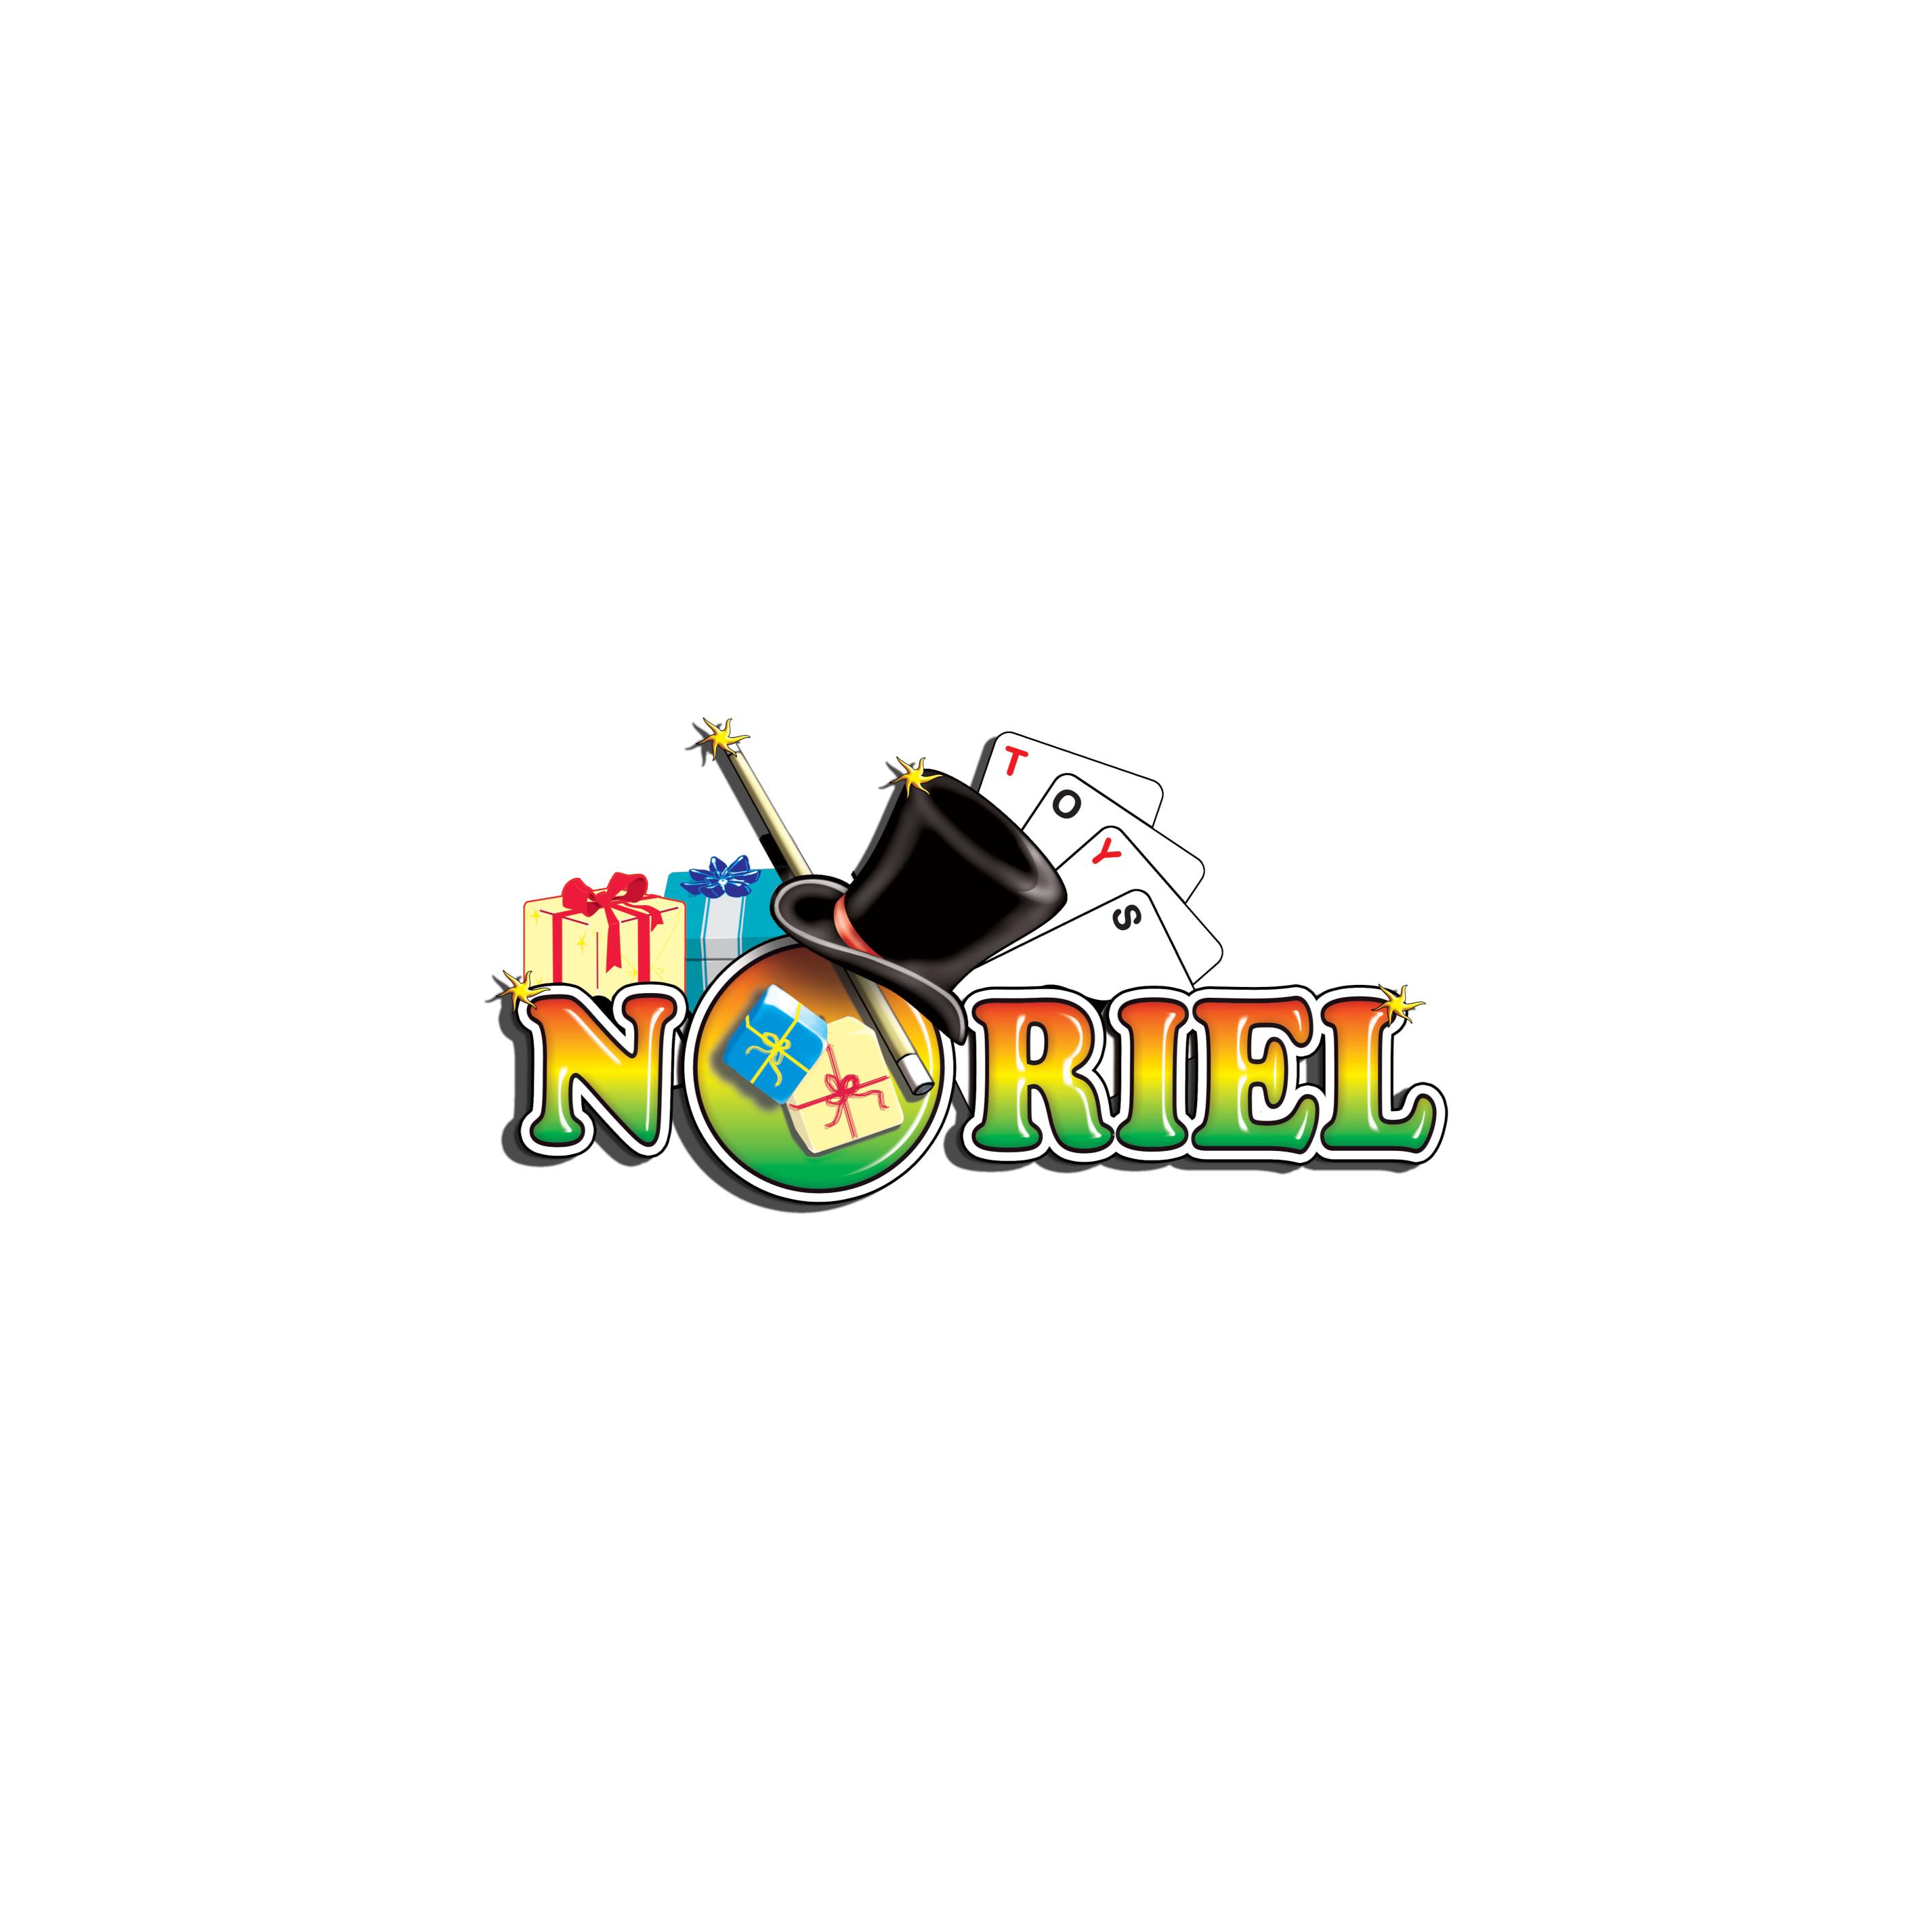 NOR3737 - Joc interactiv Noriel - Ghiceste daca poti